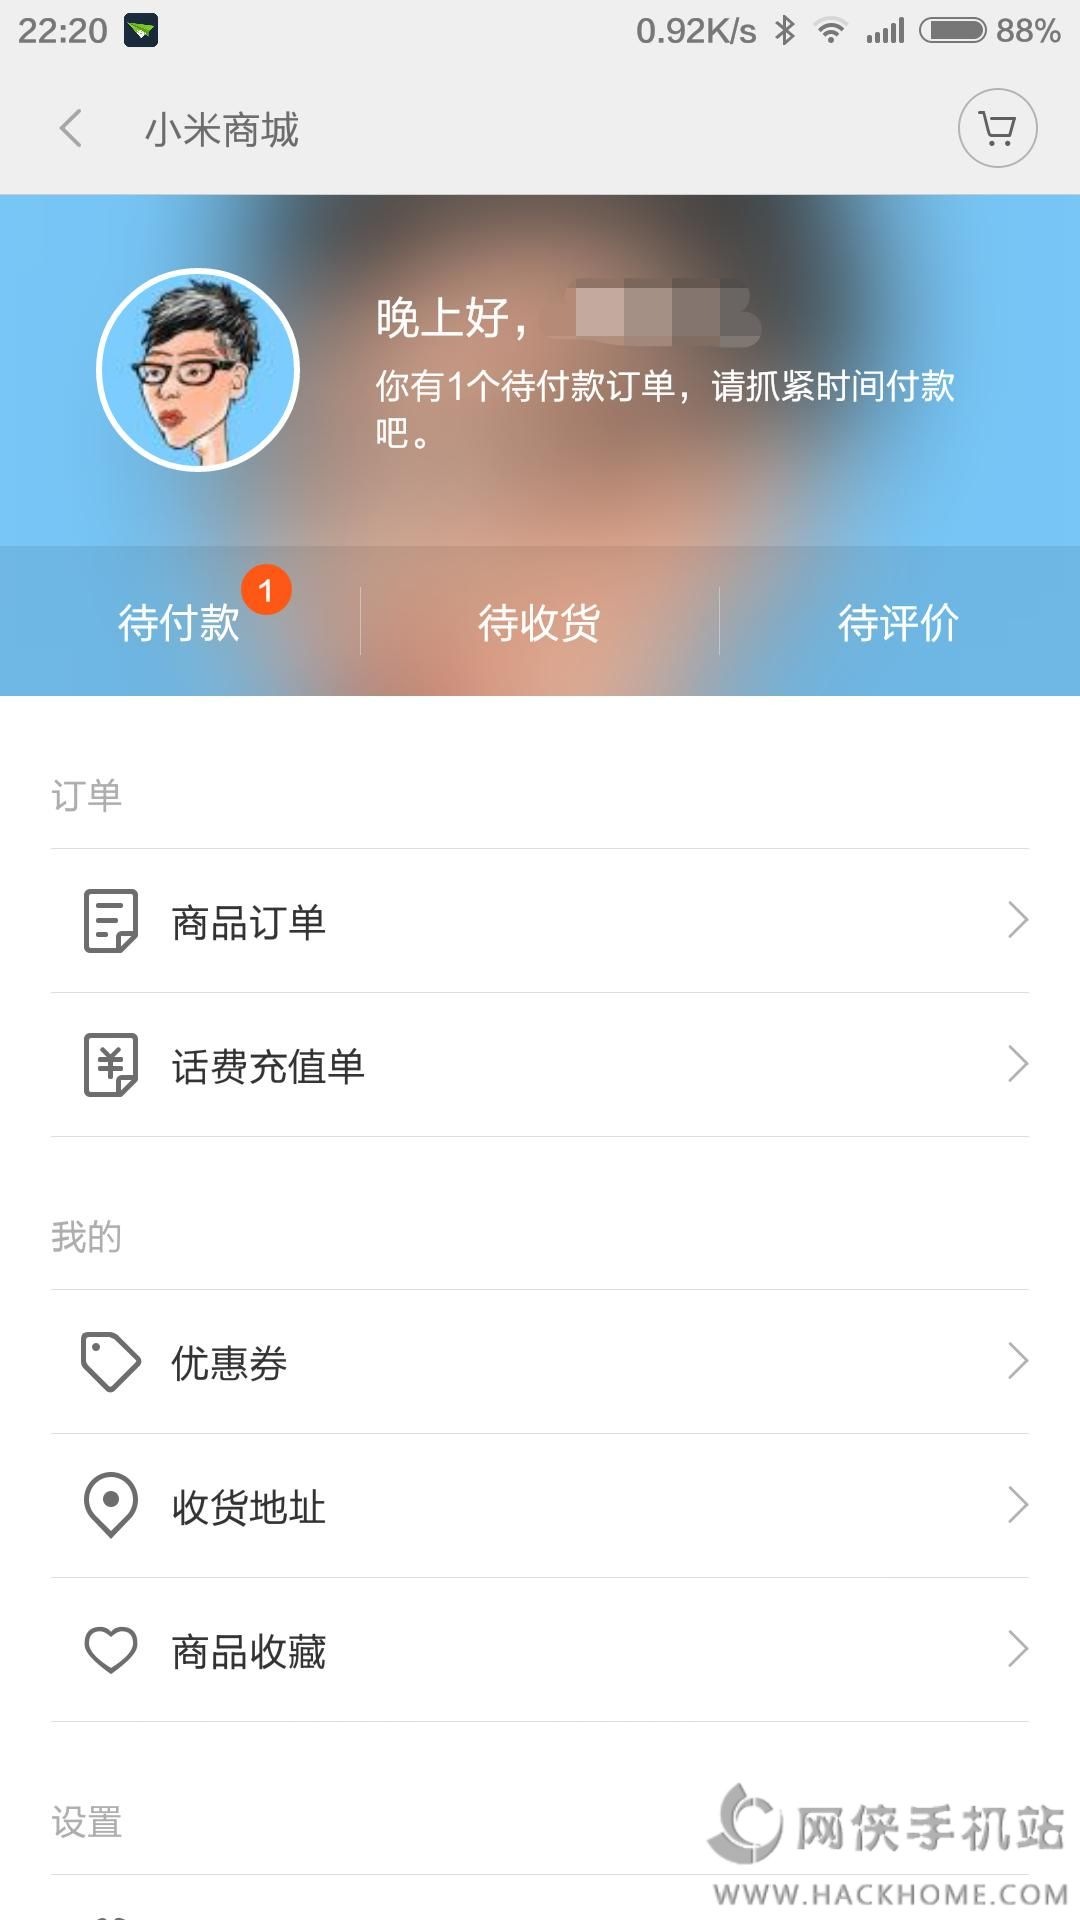 小米商城官网手机版图4: